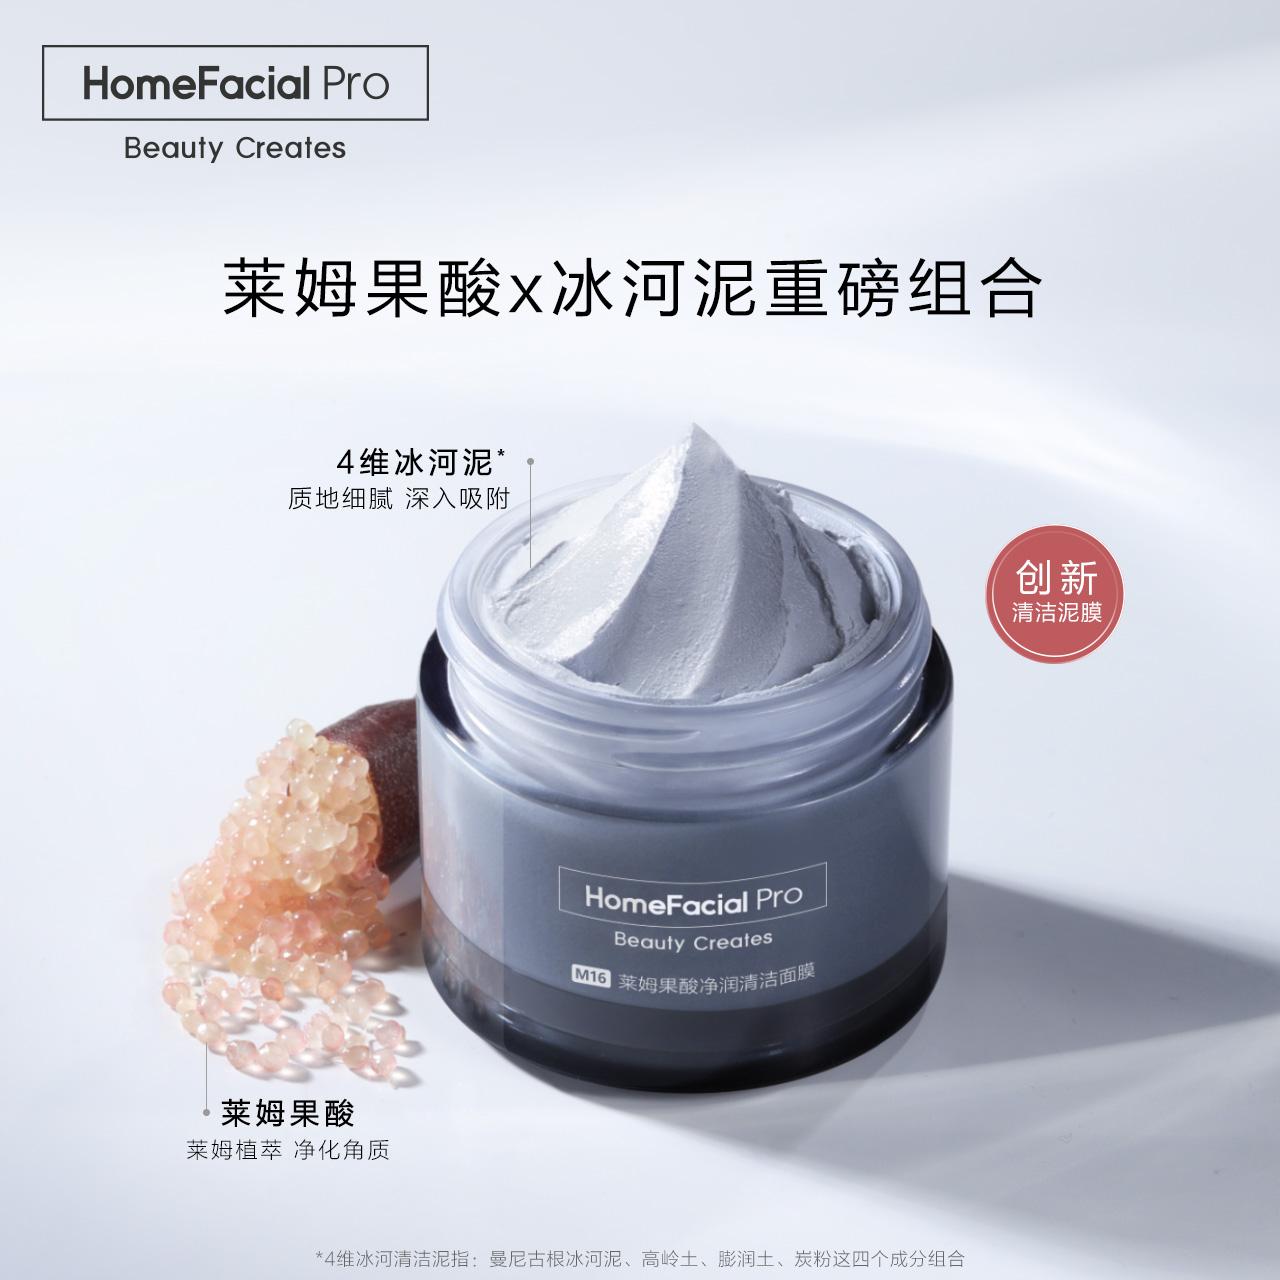 【年度新品】HFP萊姆果酸清潔面膜 涂抹清潔黑頭毛孔凈徹果酸男女